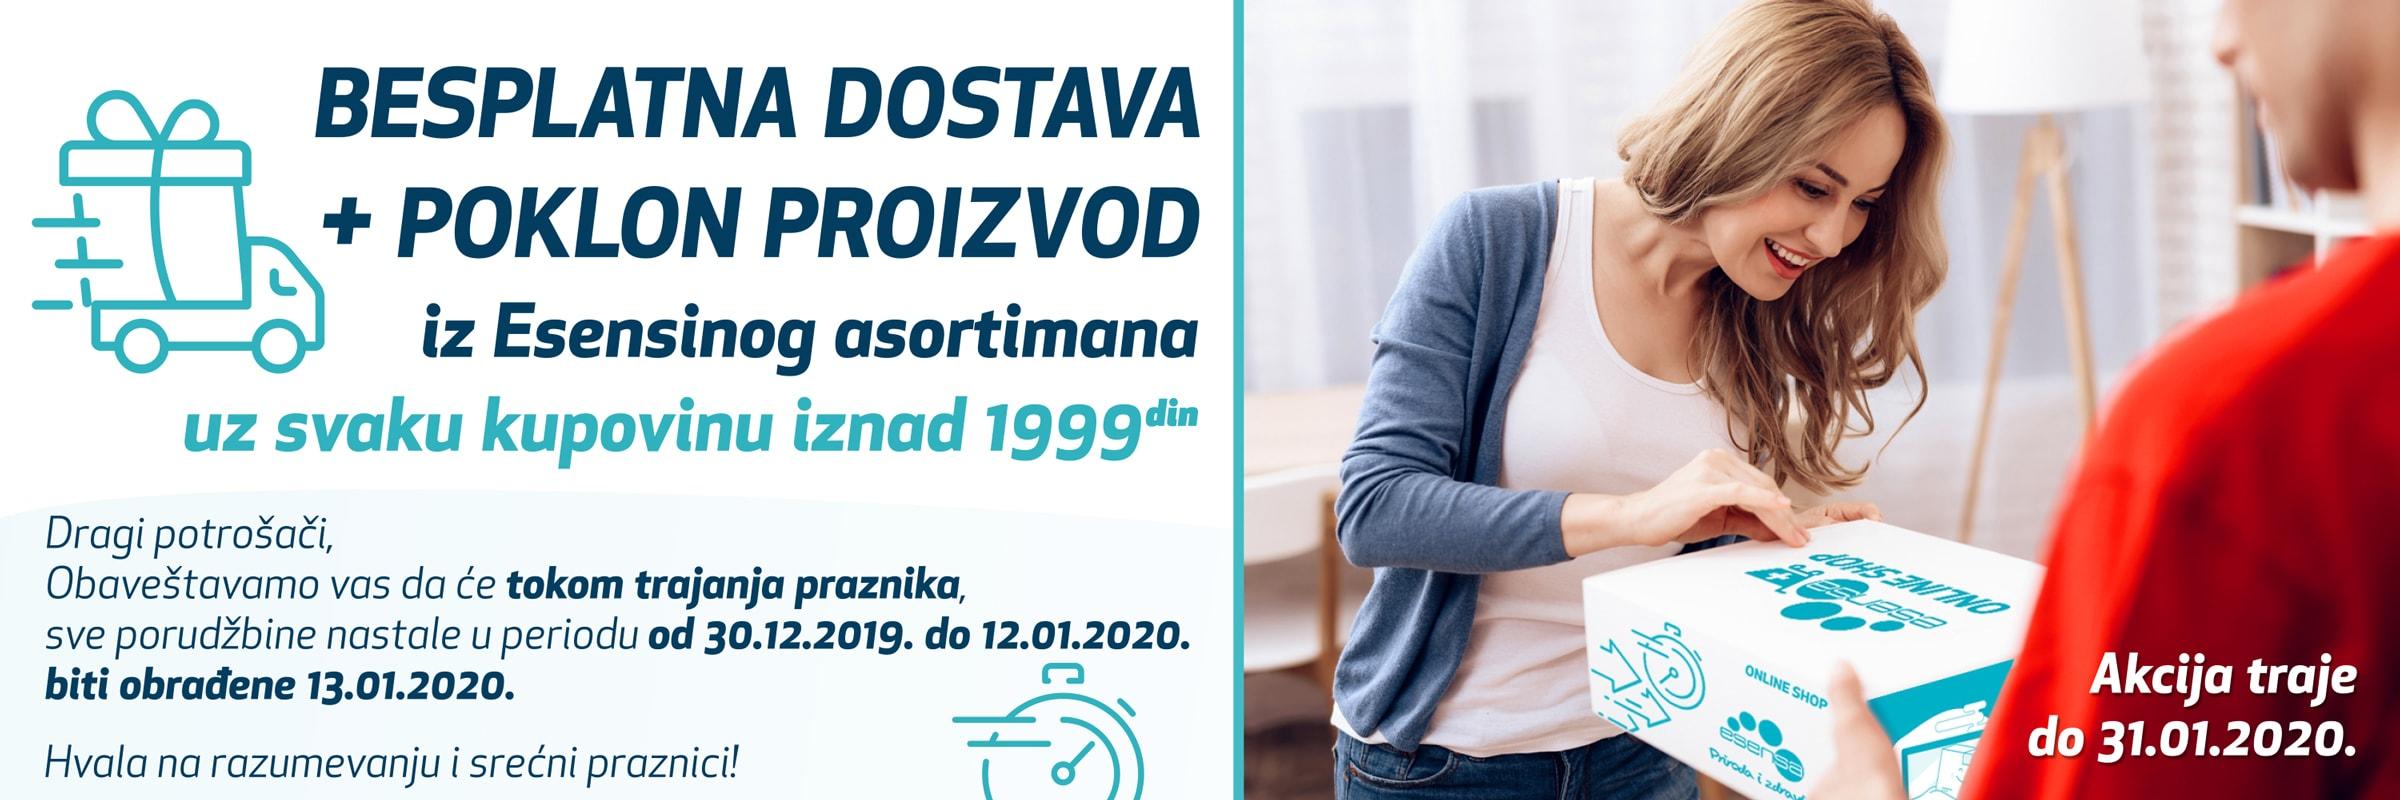 Banner Za Najavu Praznicne Aktivnosti 2019 Min